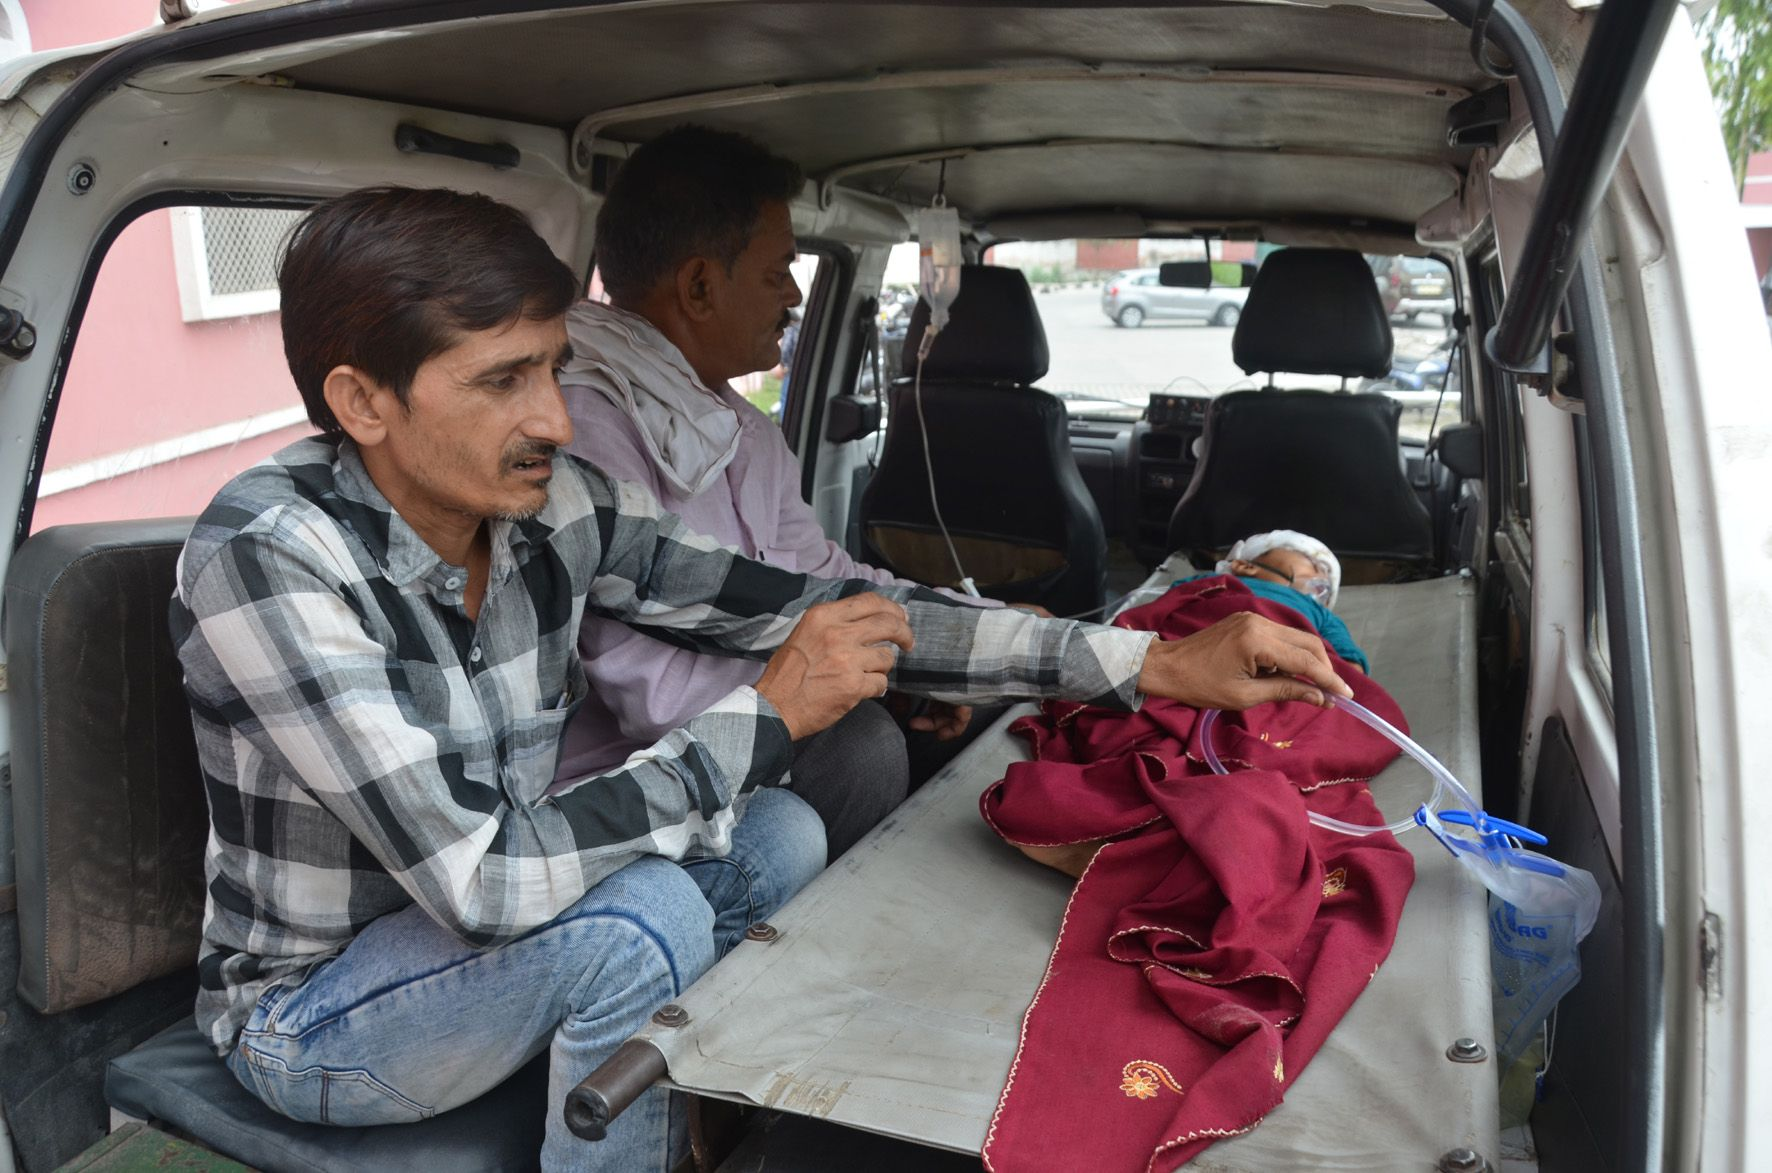 जेएन मेडिकल कॉलेज में डॉक्टर्स की हड़ताल के कारण उपचारधीन बालक को लेकर दिल्ली जाते परिजन।